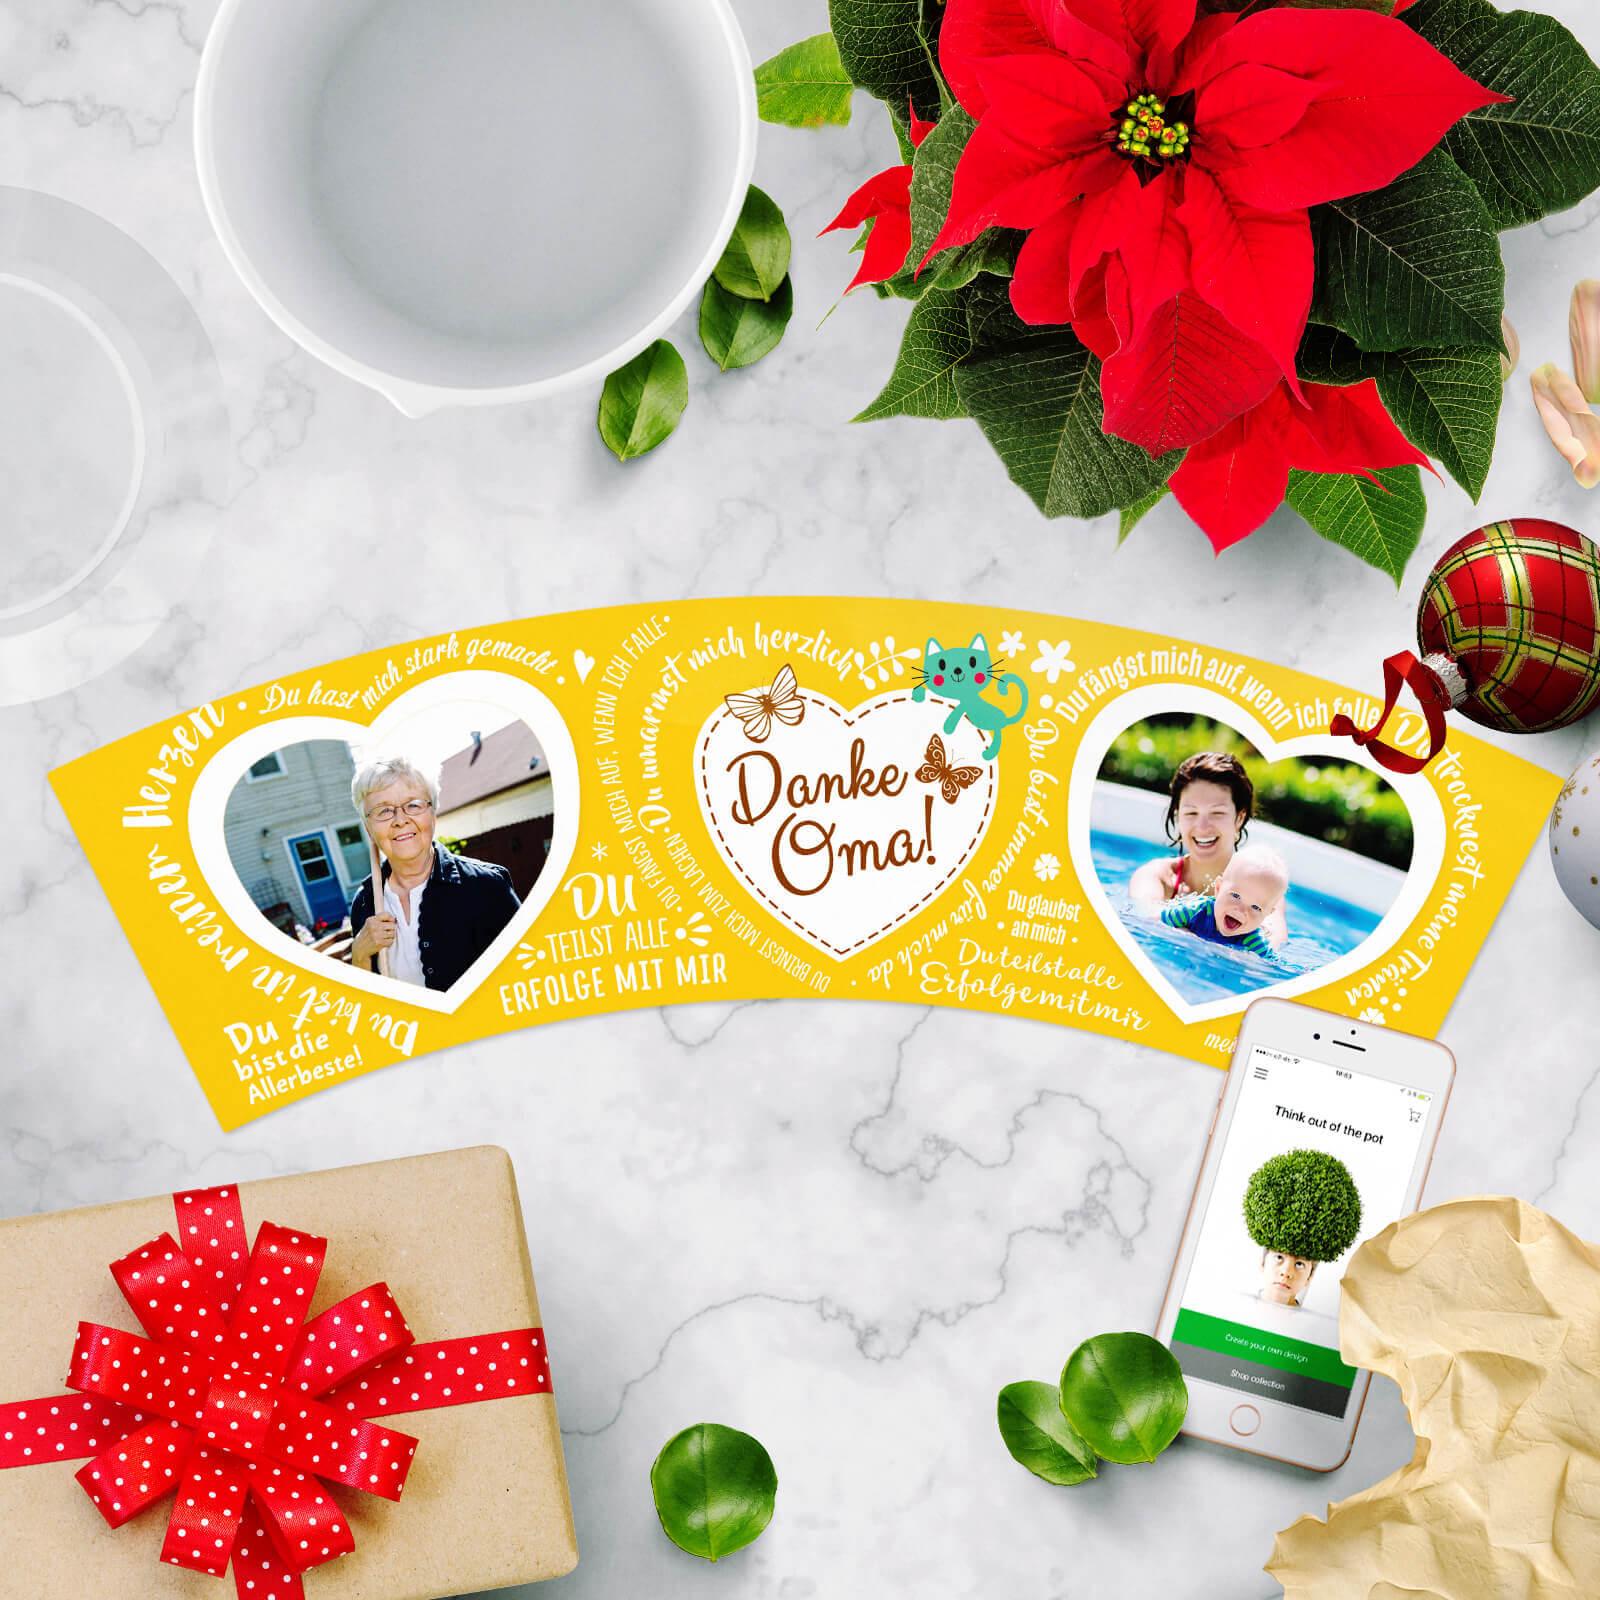 Weihnachtsgeschenk für Oma: 9 tolle Ideen zum Fest – MyFacepot